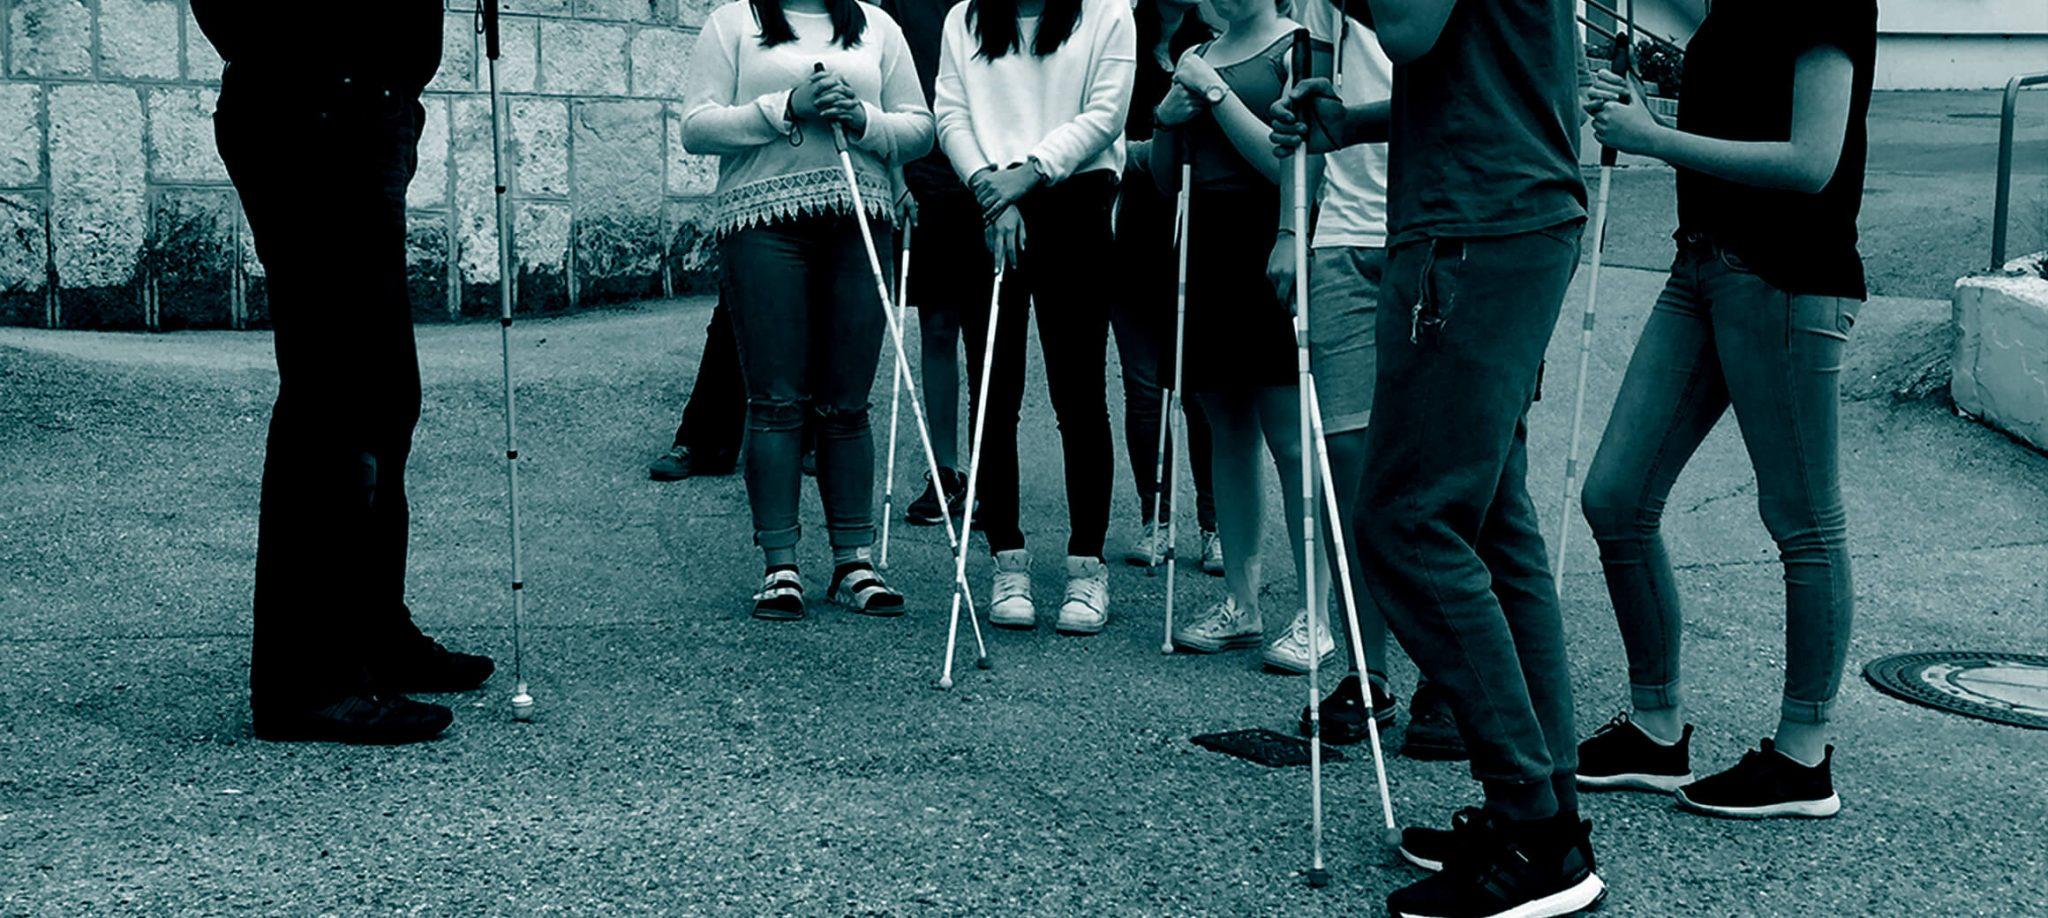 Harald steht vor einer Gruppe SchülerInnen, die SchülerInnen haben Dunkelbrillen auf und einen Blindenstock in der Hand.